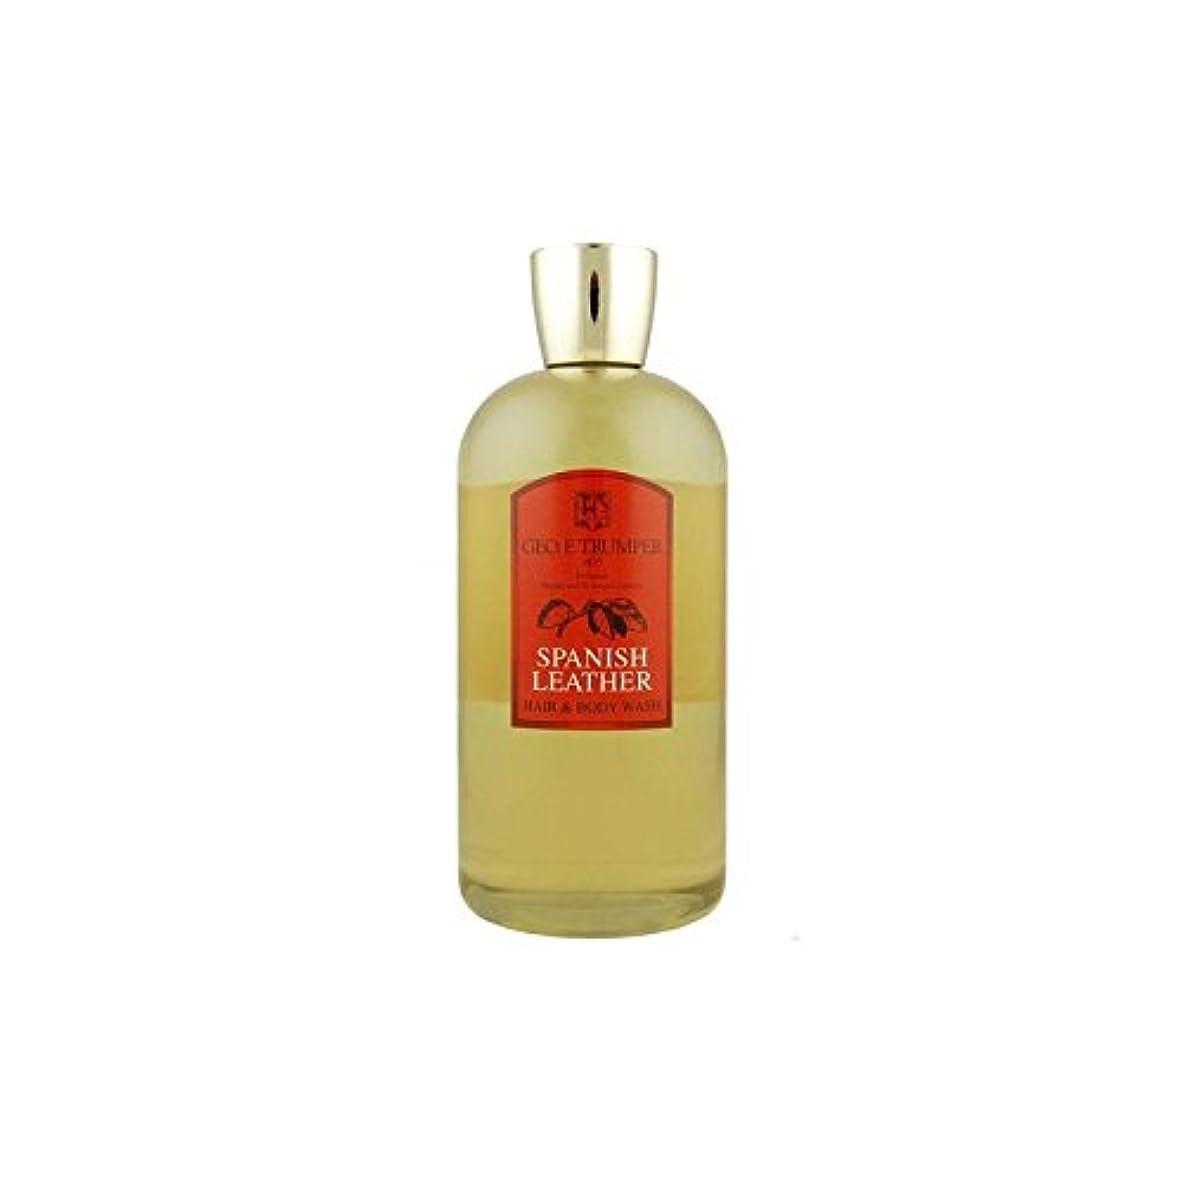 トマトポルトガル語興奮するTrumpers Spanish Leather Hair and Body Wash - 500mlTravel Bottle (Pack of 6) - 革の髪とボディウォッシュスペイン語 - 500ボトル x6 [...